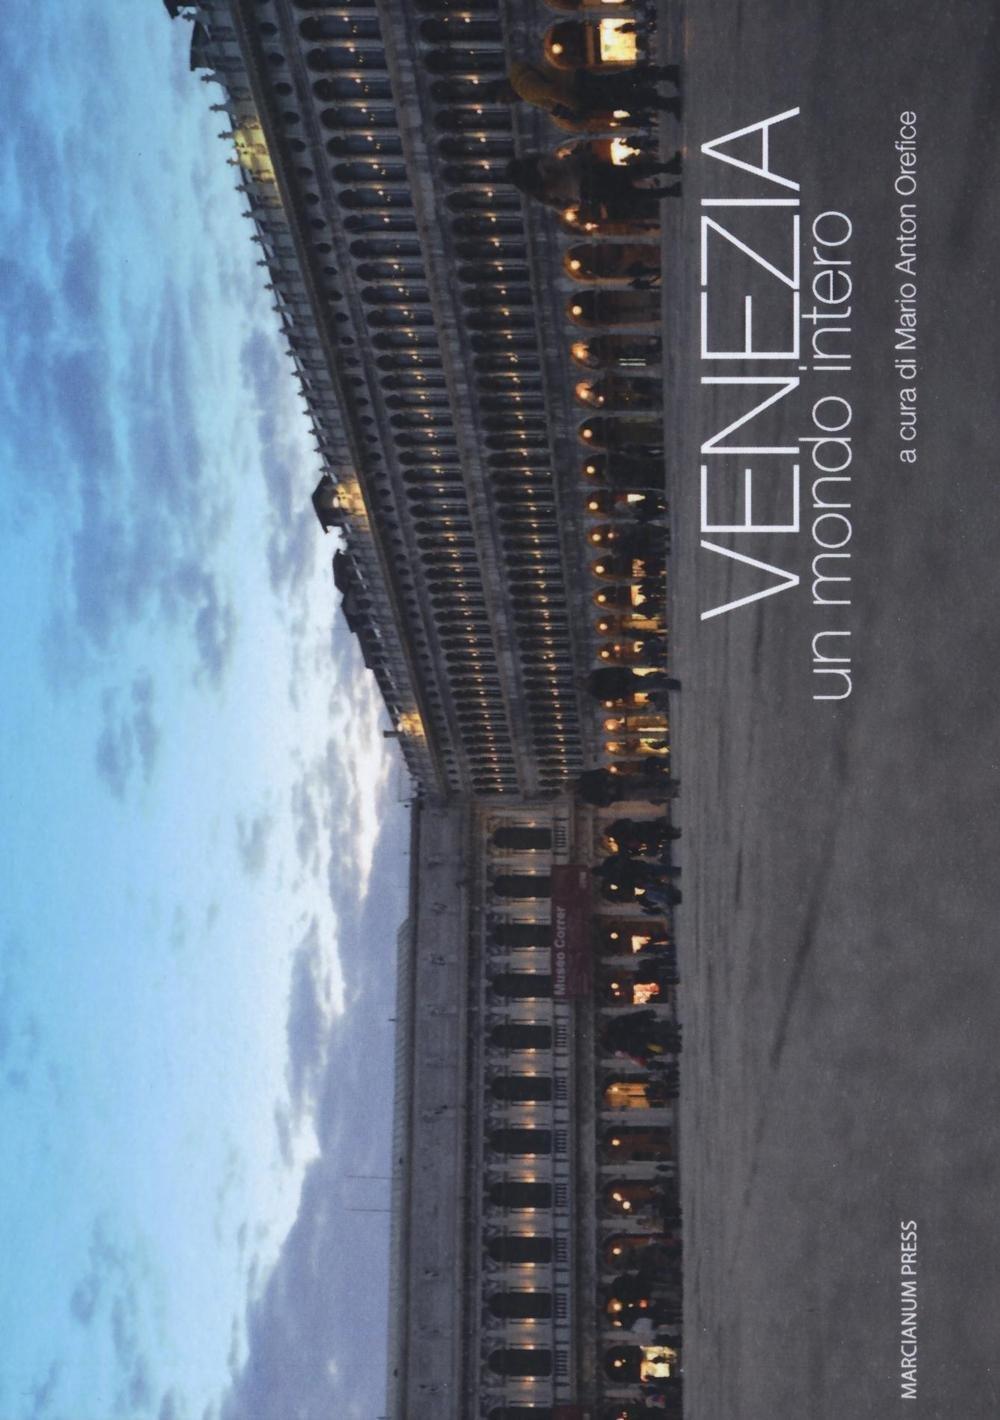 Venezia, un mondo intero Copertina flessibile – 9 giu 2016 M. A. Orefice Marcianum Press 8865124385 Altra non illustrata